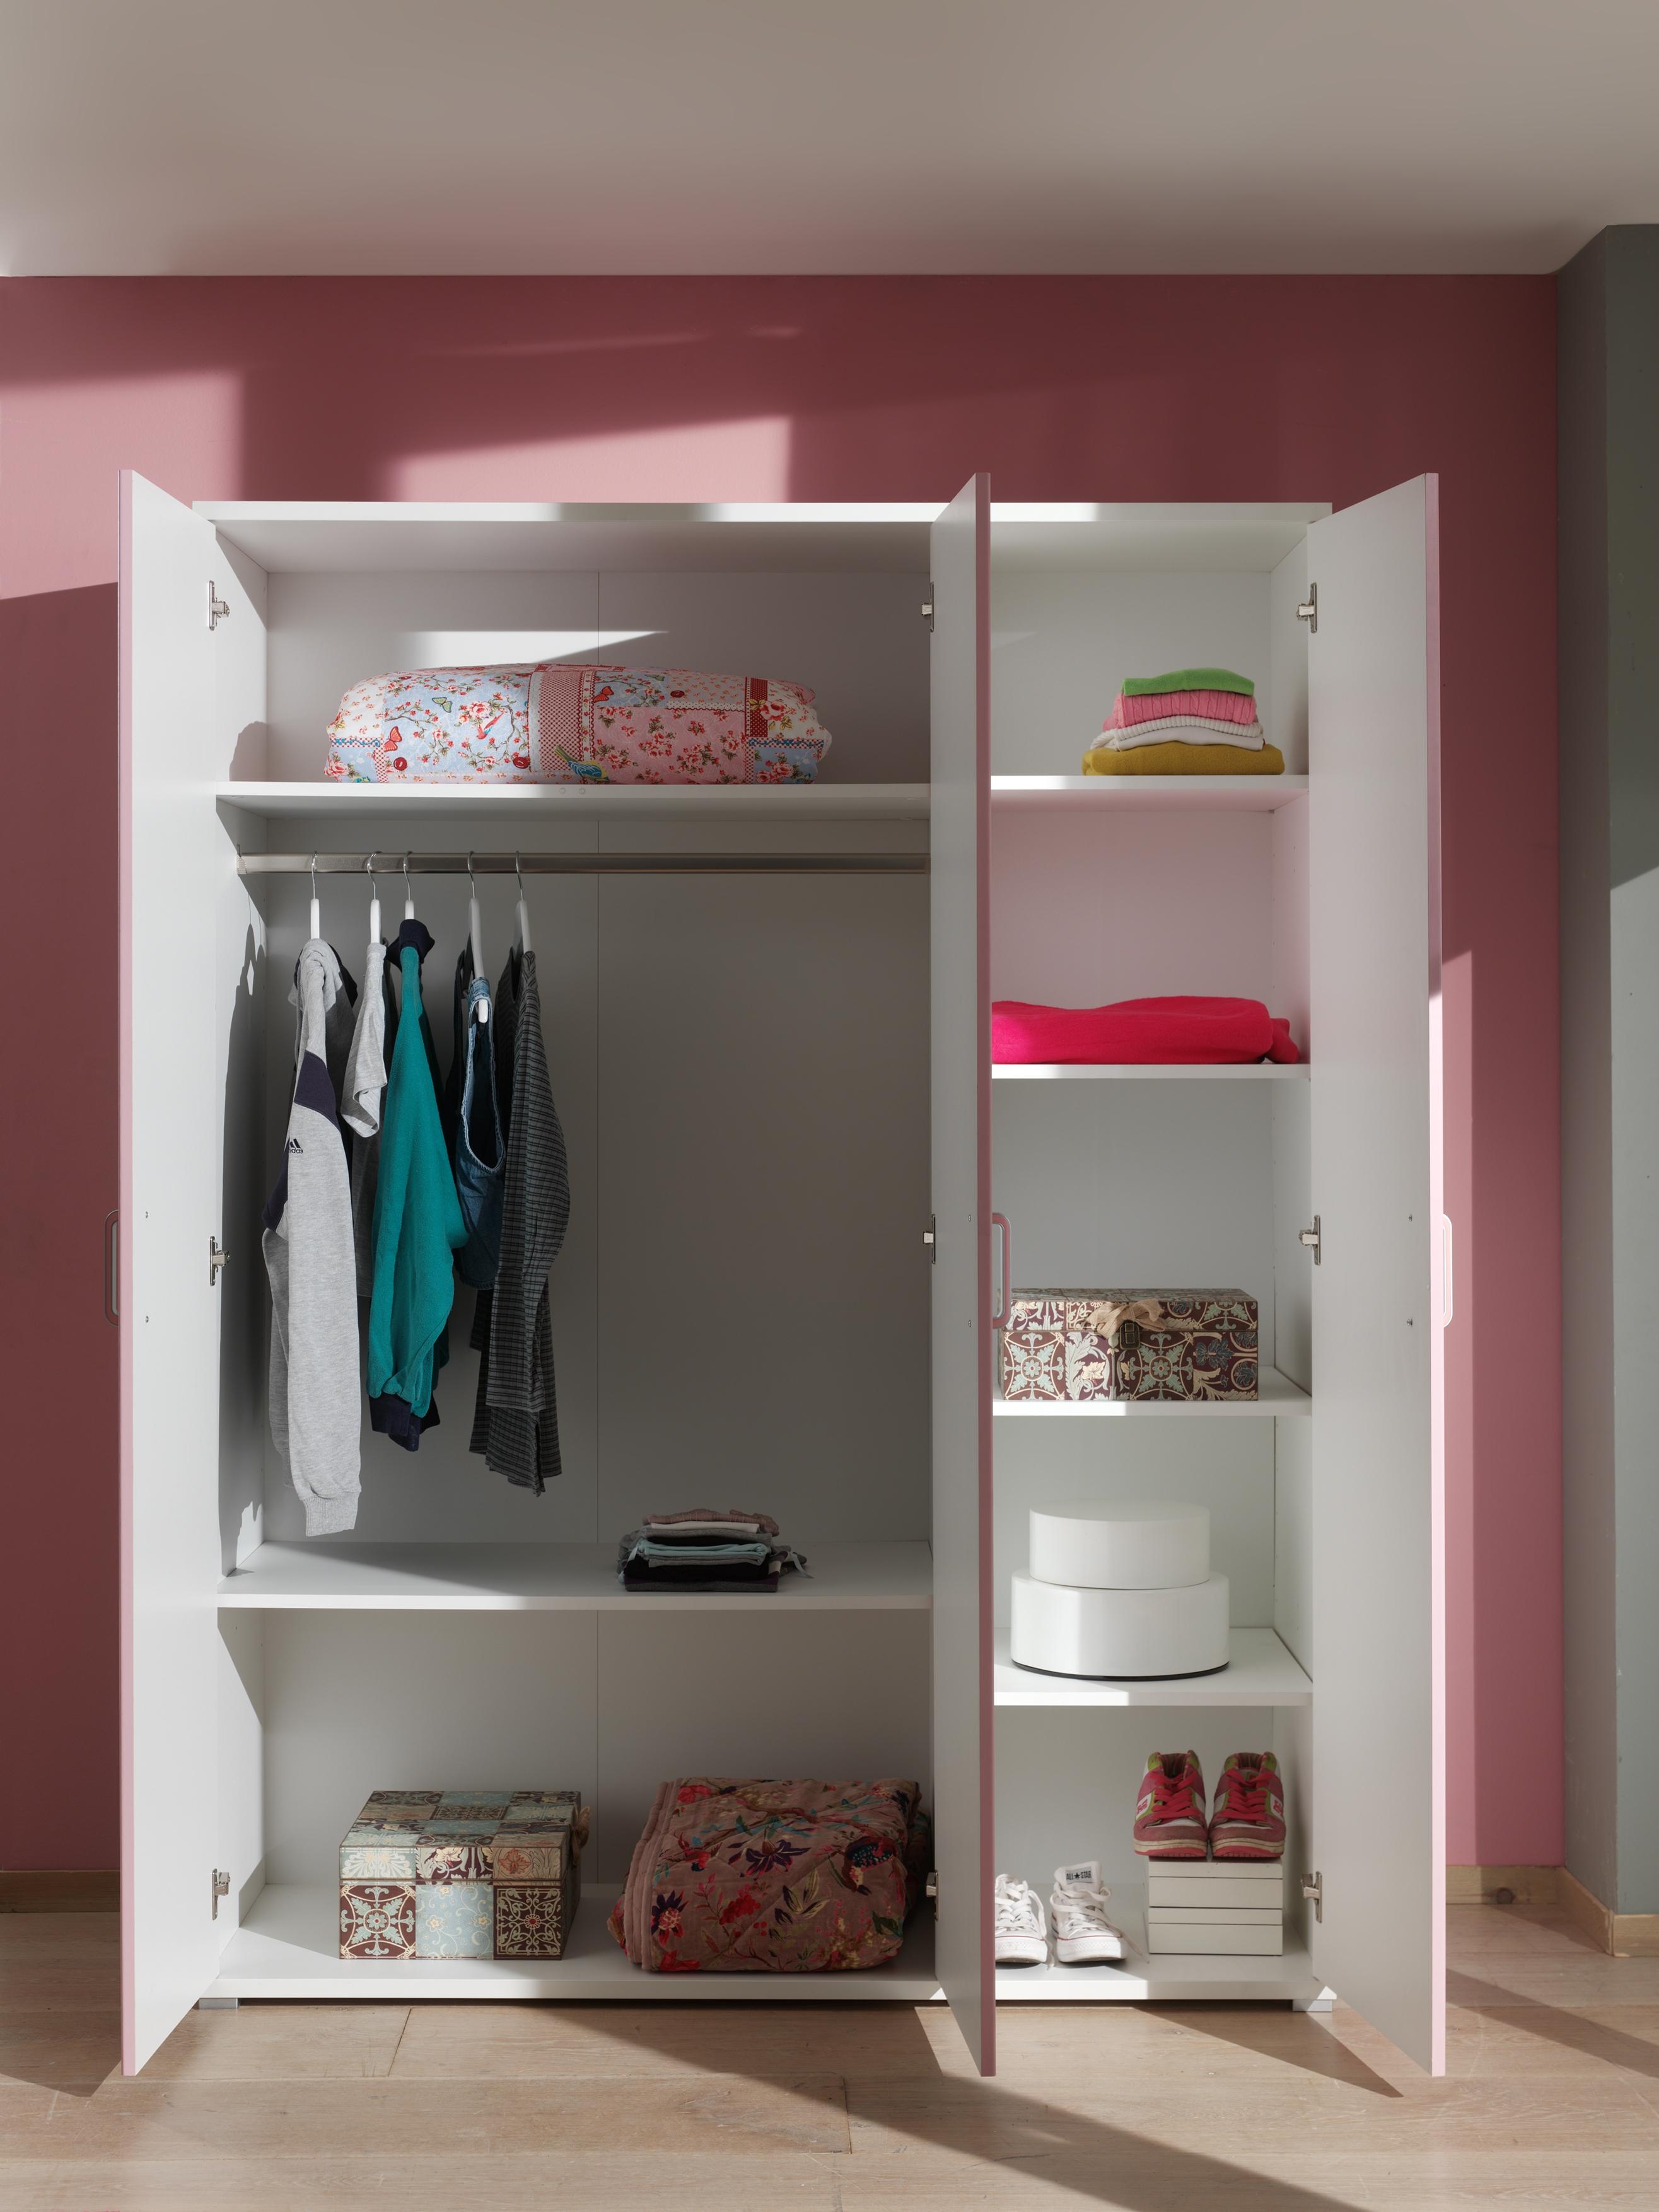 lit baldaquin enfant best attractive lit mezzanine enfant pas cher with lit baldaquin enfant. Black Bedroom Furniture Sets. Home Design Ideas